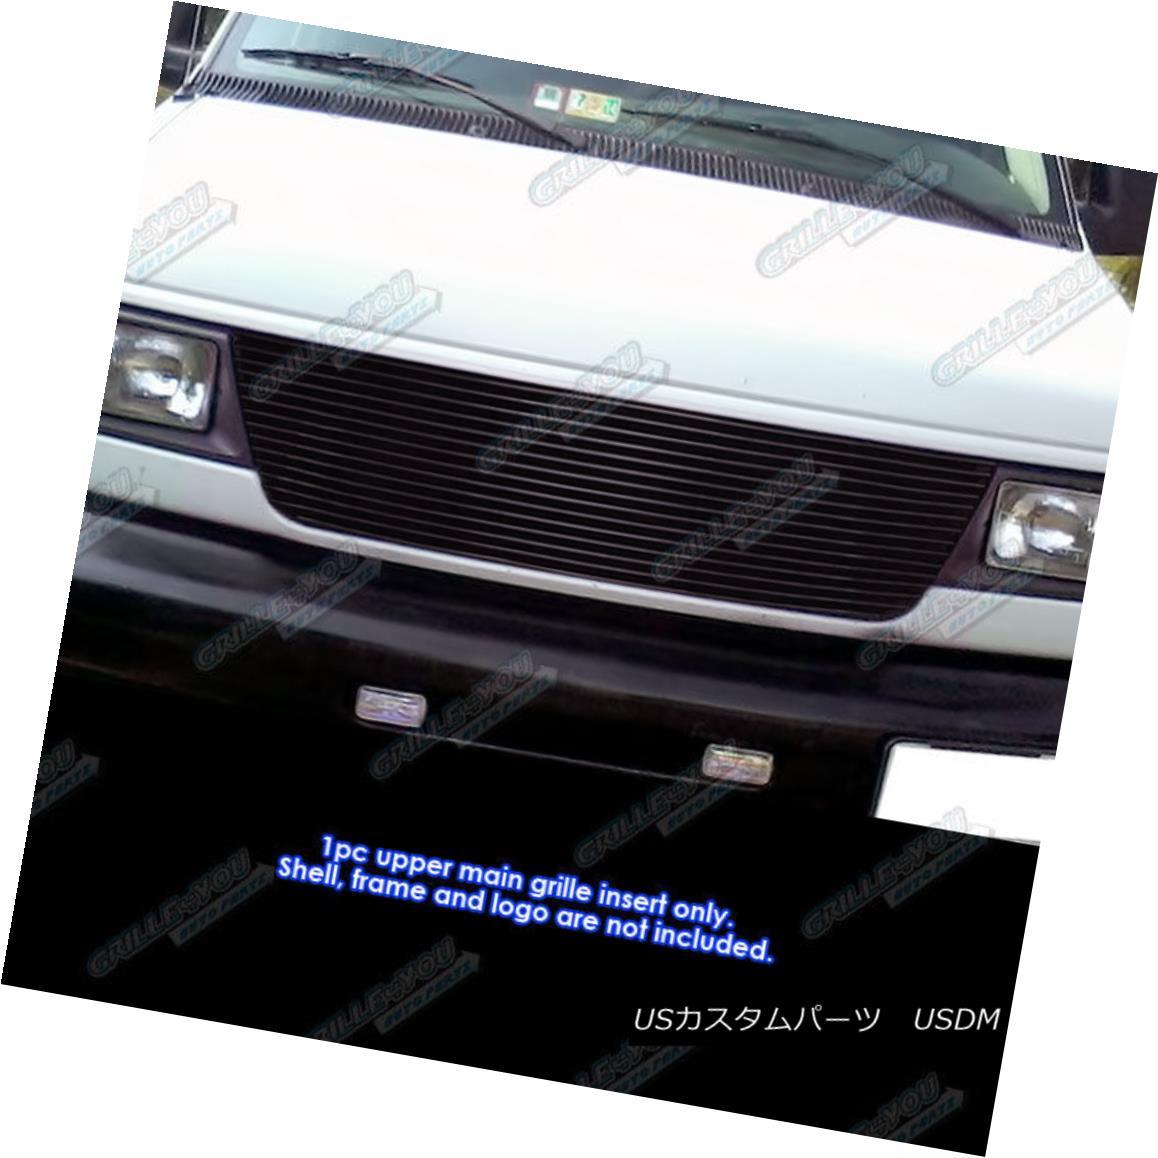 グリル Fits 1992-2007 Ford Econoline Van 15 Bars Black Billet Grille Insert 1992-2007 Ford Econolineバン15バーブラックビレットグリルインサート